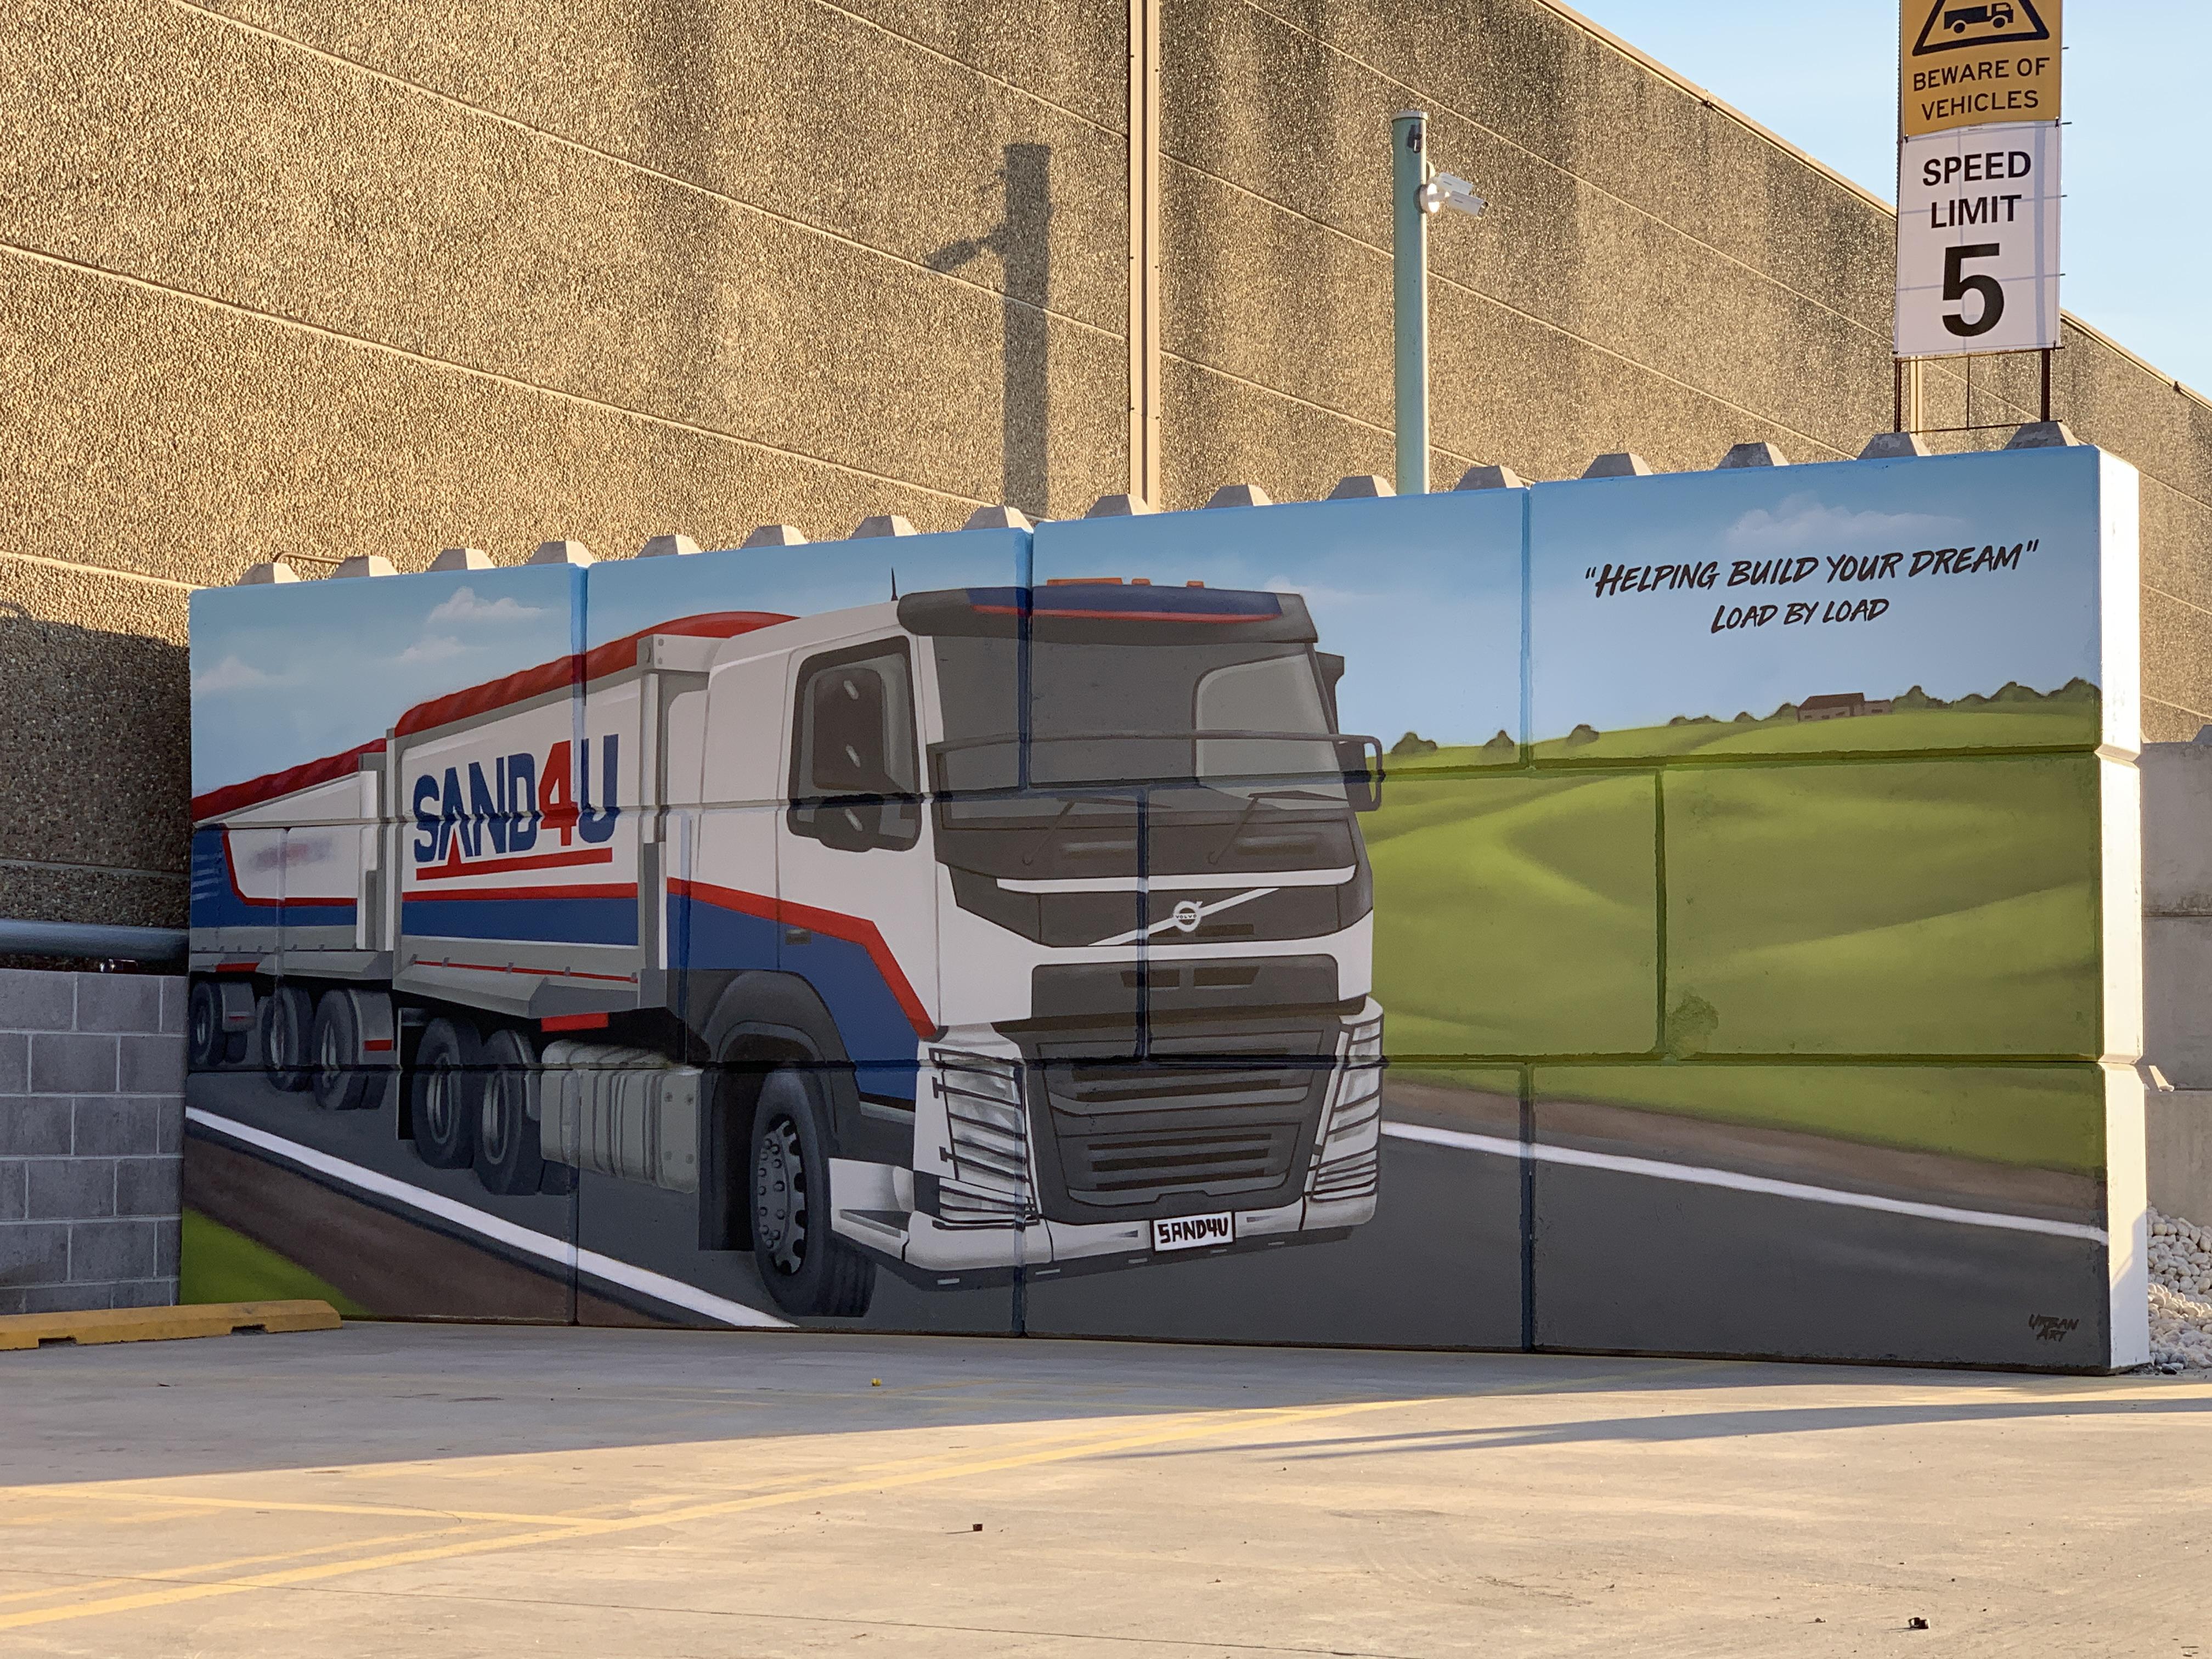 Transport truck realistic graffiti art m